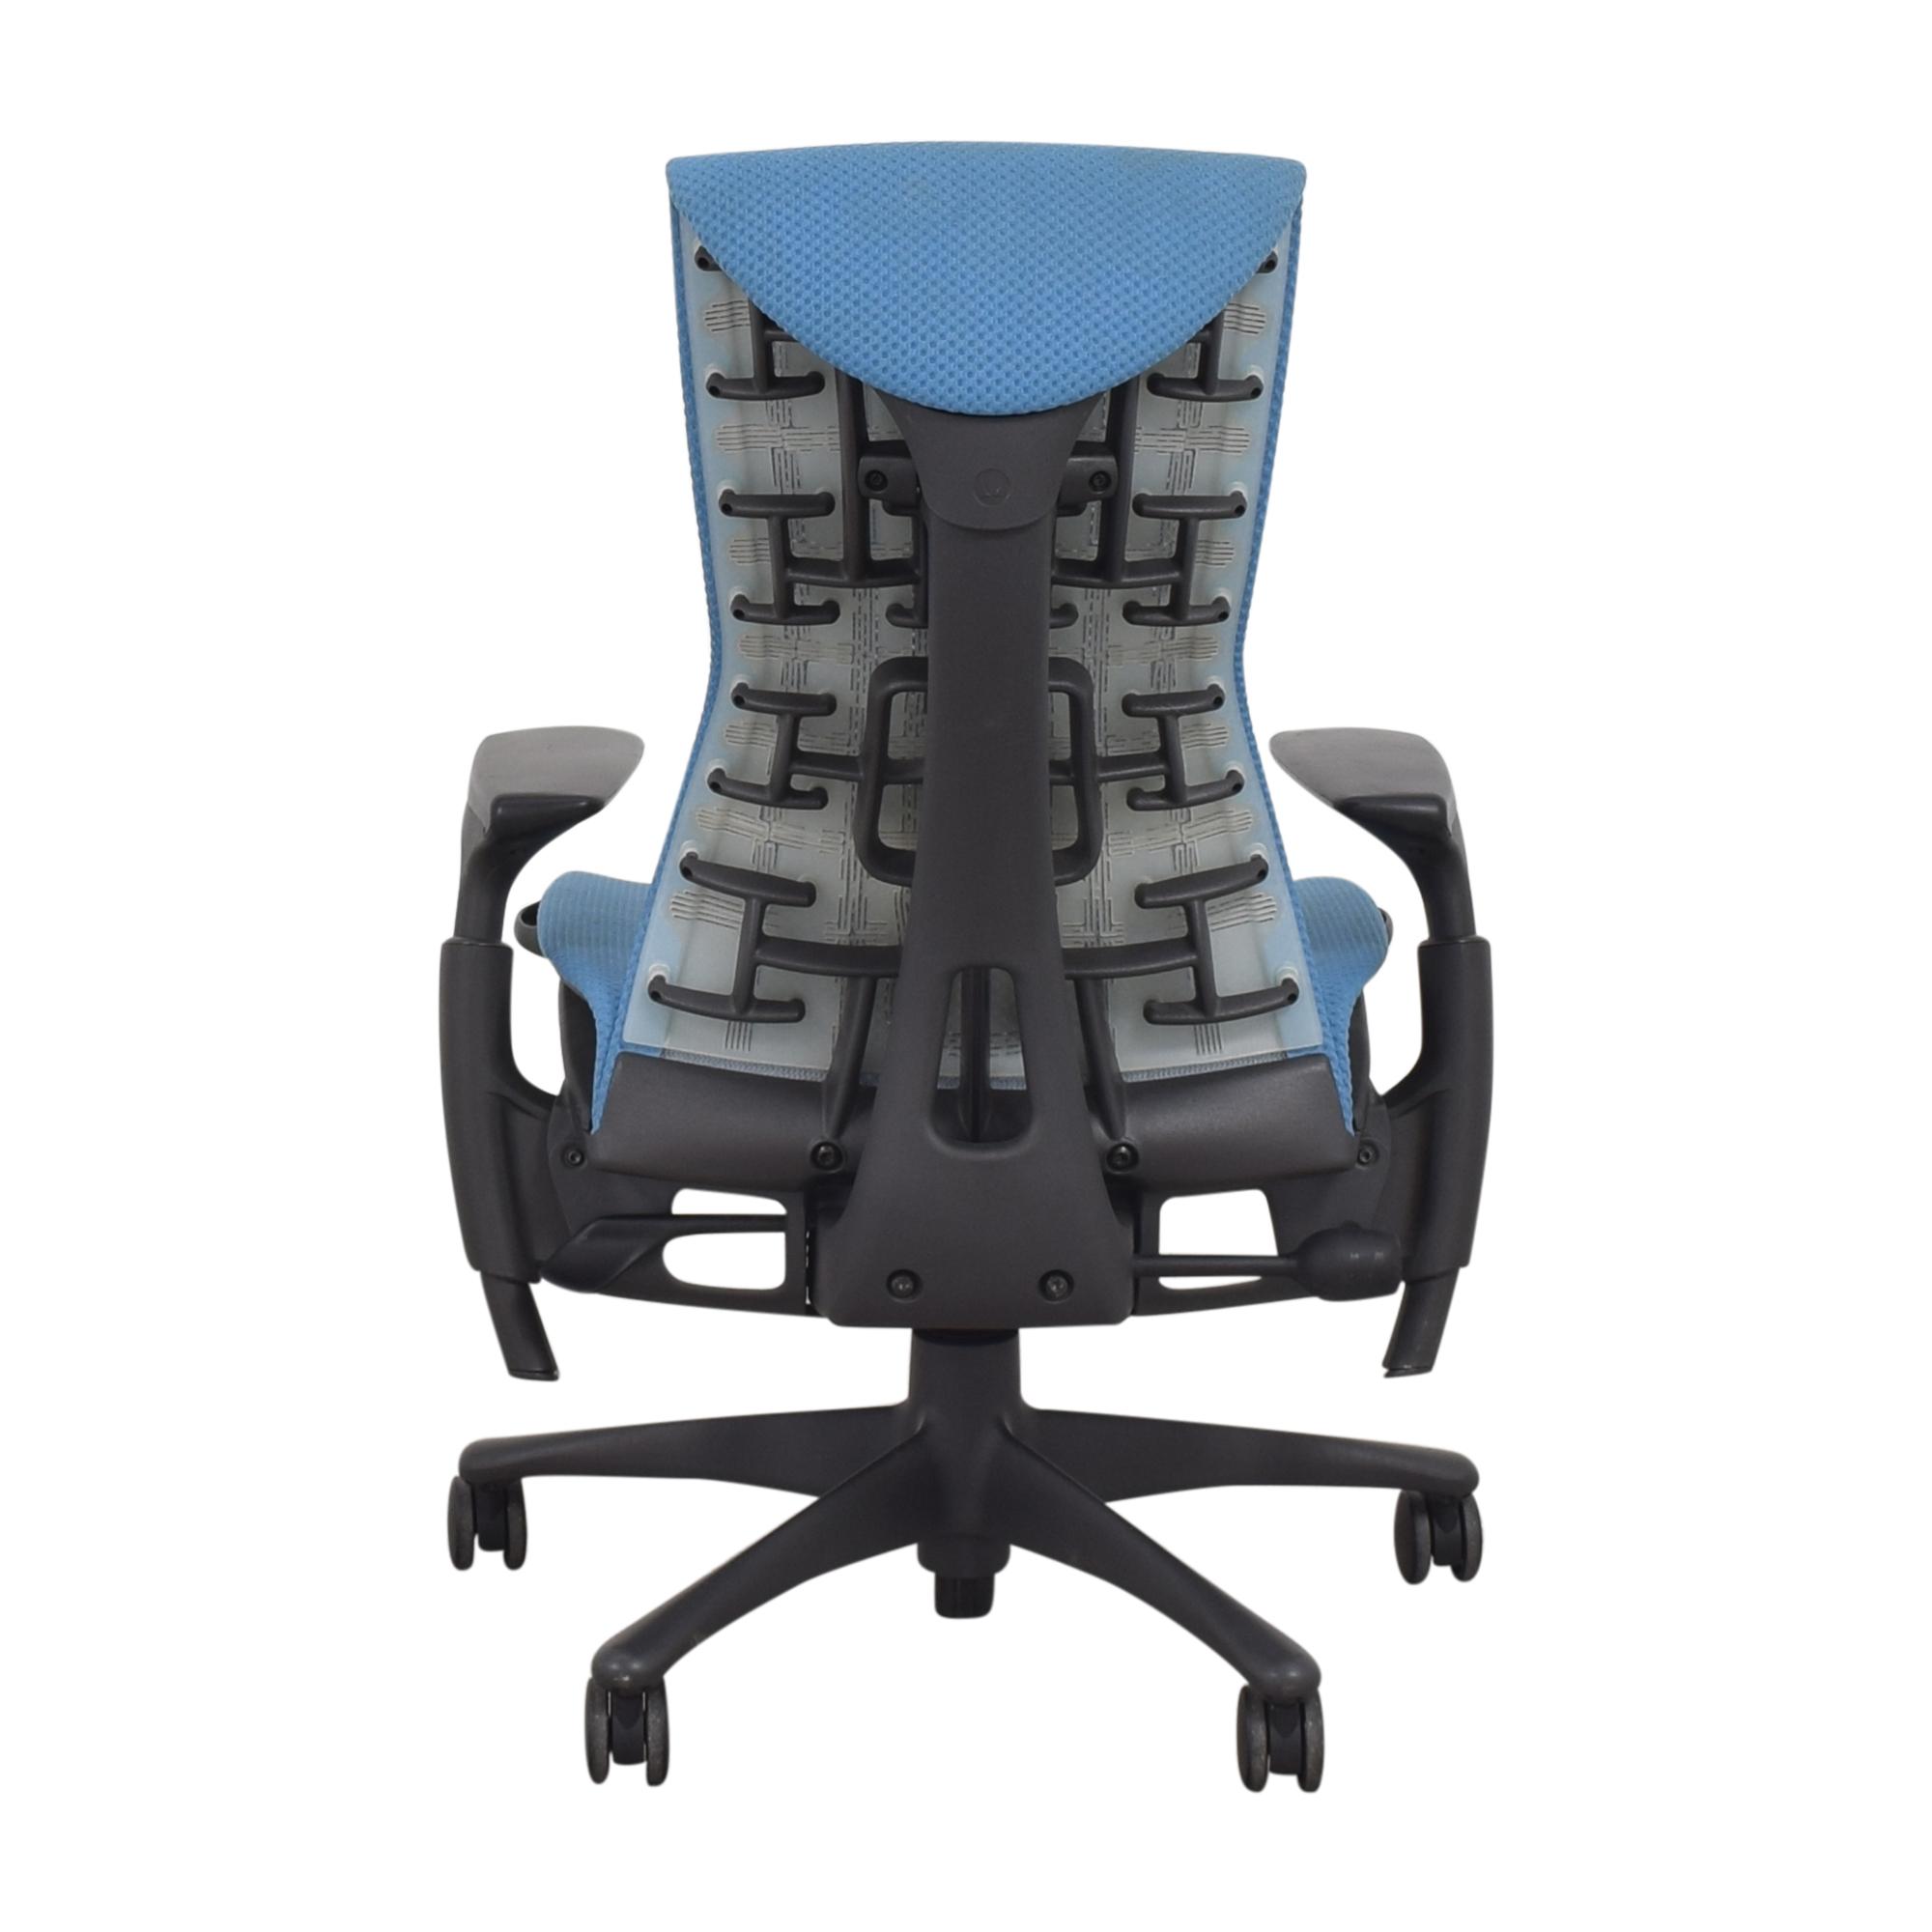 Herman Miller Herman Miller Embody Chair Chairs